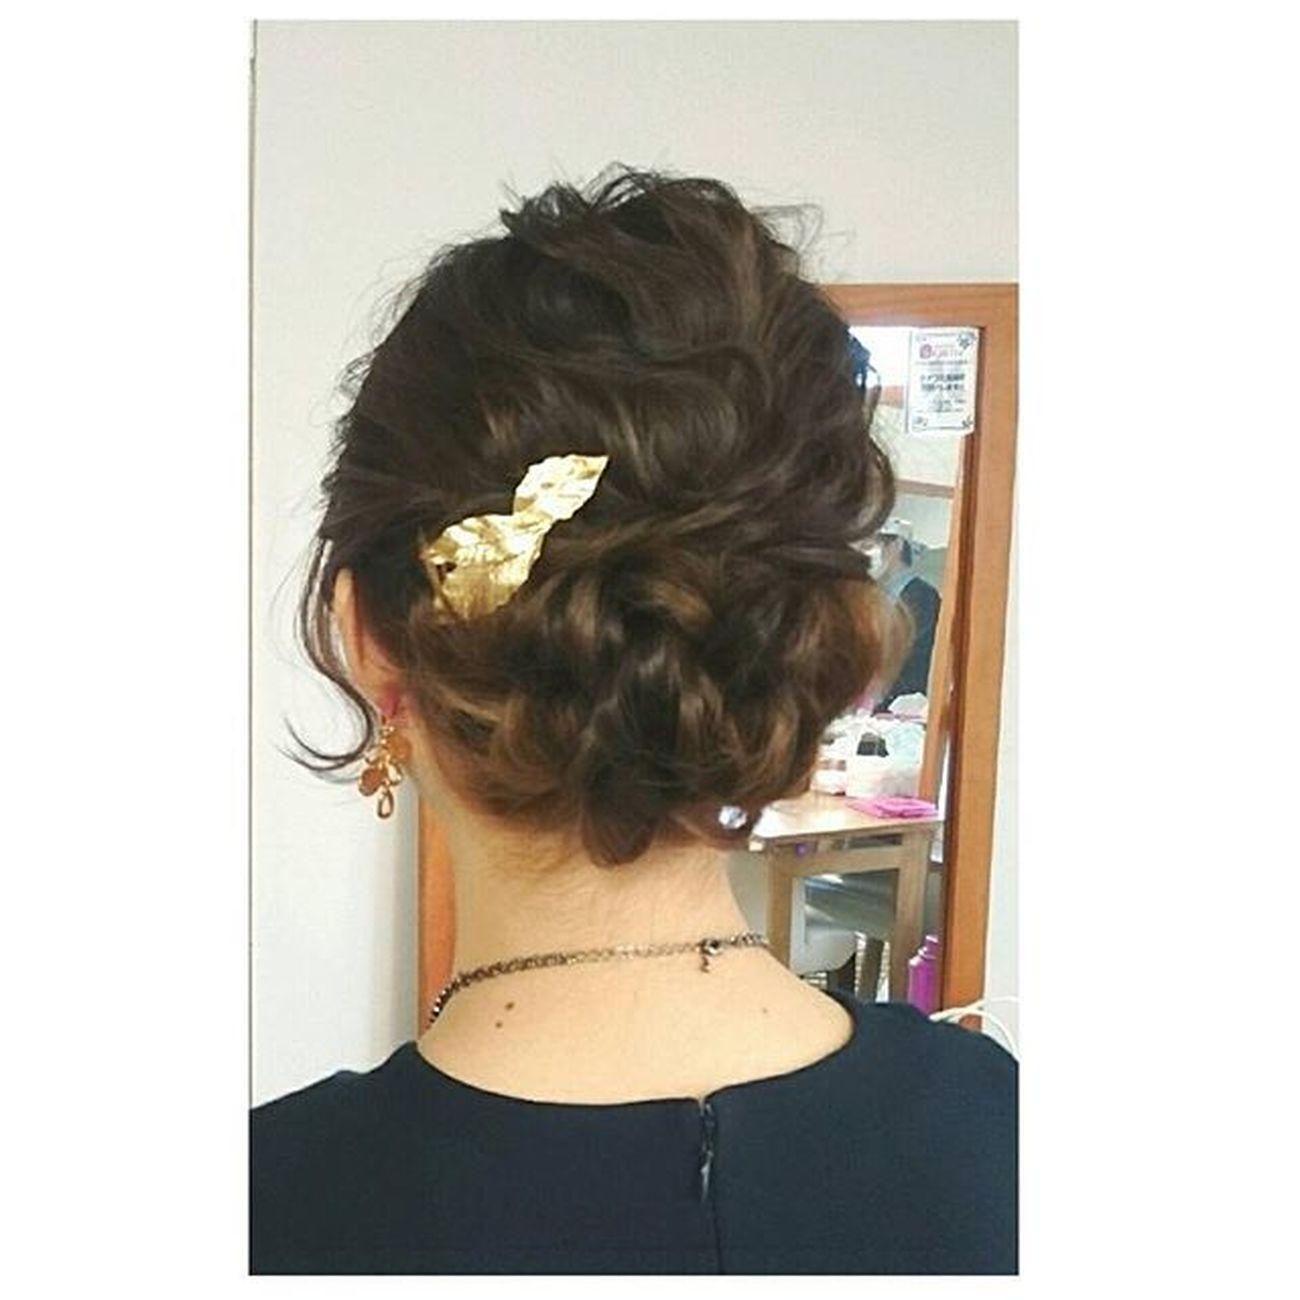 ヘアセット Hairアレンジ ヘアアレンジ Hair 美容院 錦 セットサロン 成人式 ヘアー ヘアーアクセサリー クルリンパスティック 編み込み 解説 Byshair Locari 波ウエーブ! ヘアーアクセサリーが可愛い♡